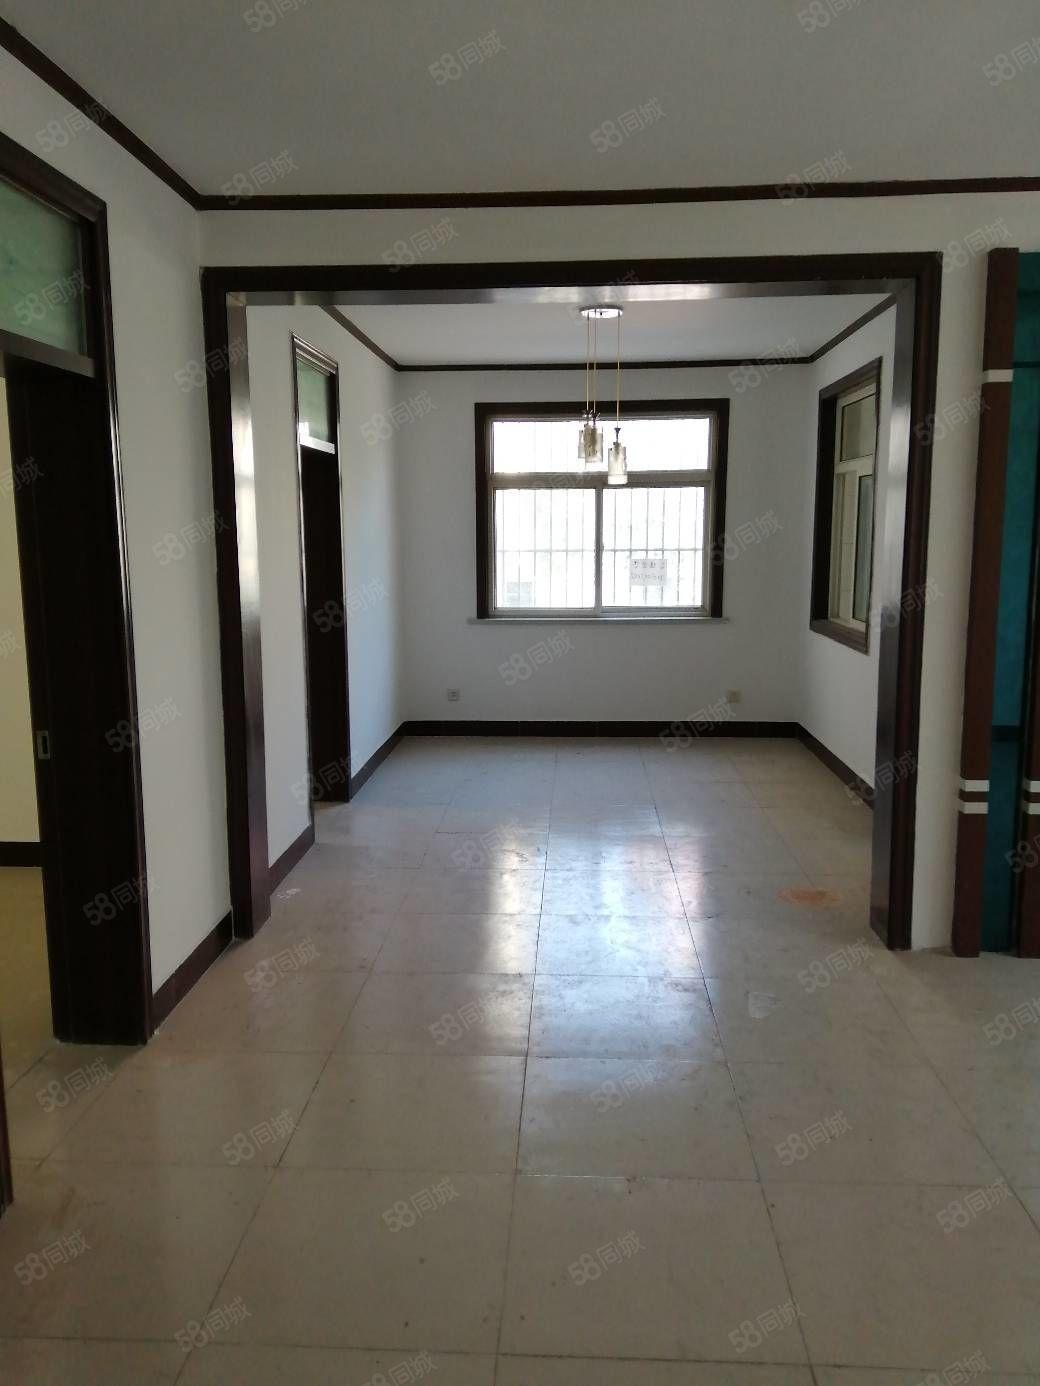 急售名馨花园大三室1楼,135平三室带车库32平,94.8万